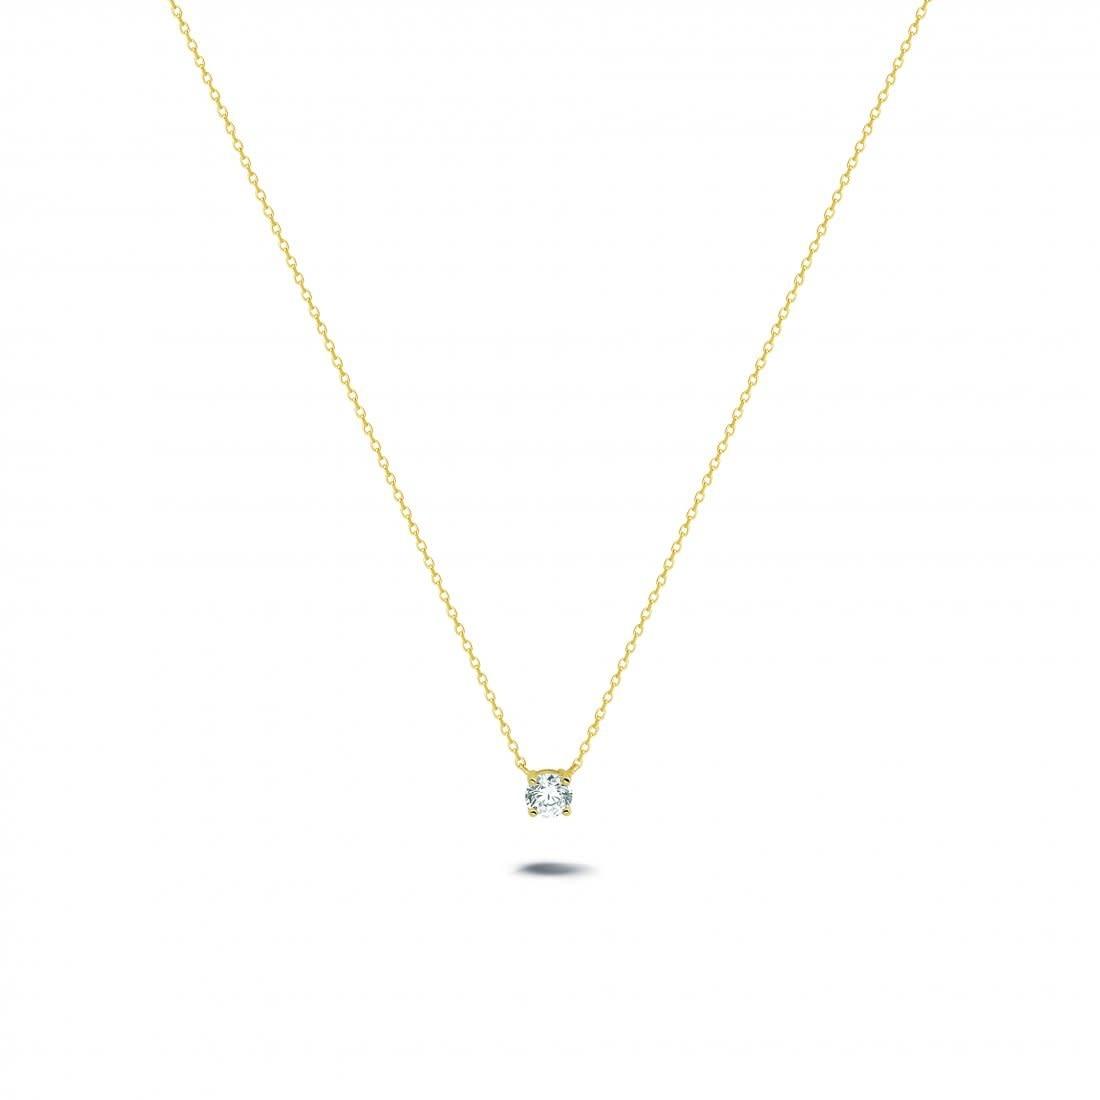 Heerlickheid Gouden ketting 40.16260 (4)